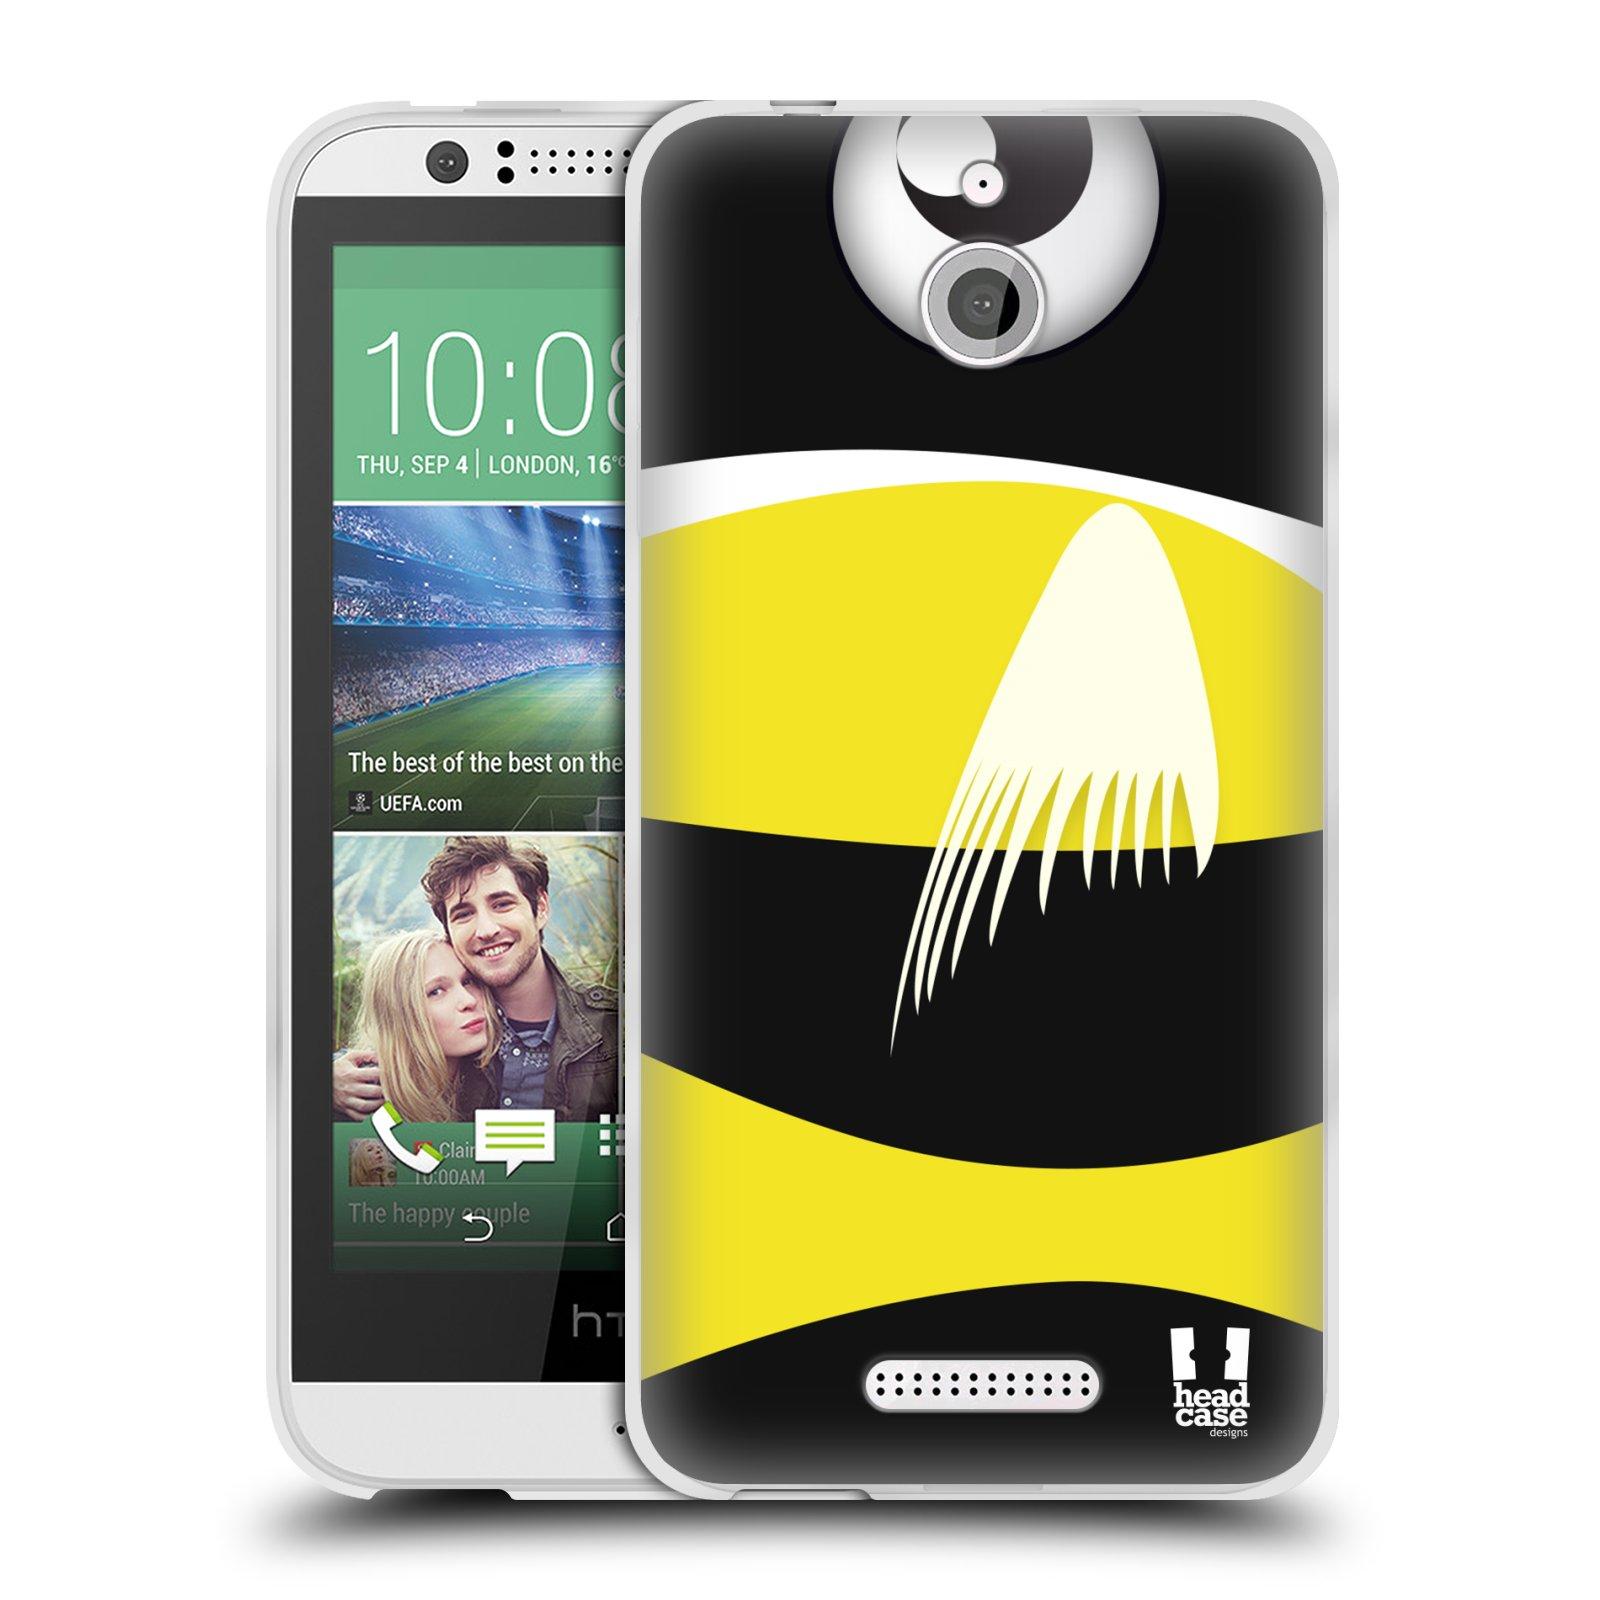 HEAD CASE silikonový obal HTC DESIRE 510 vzor Rybičky z profilu černá a žlutá